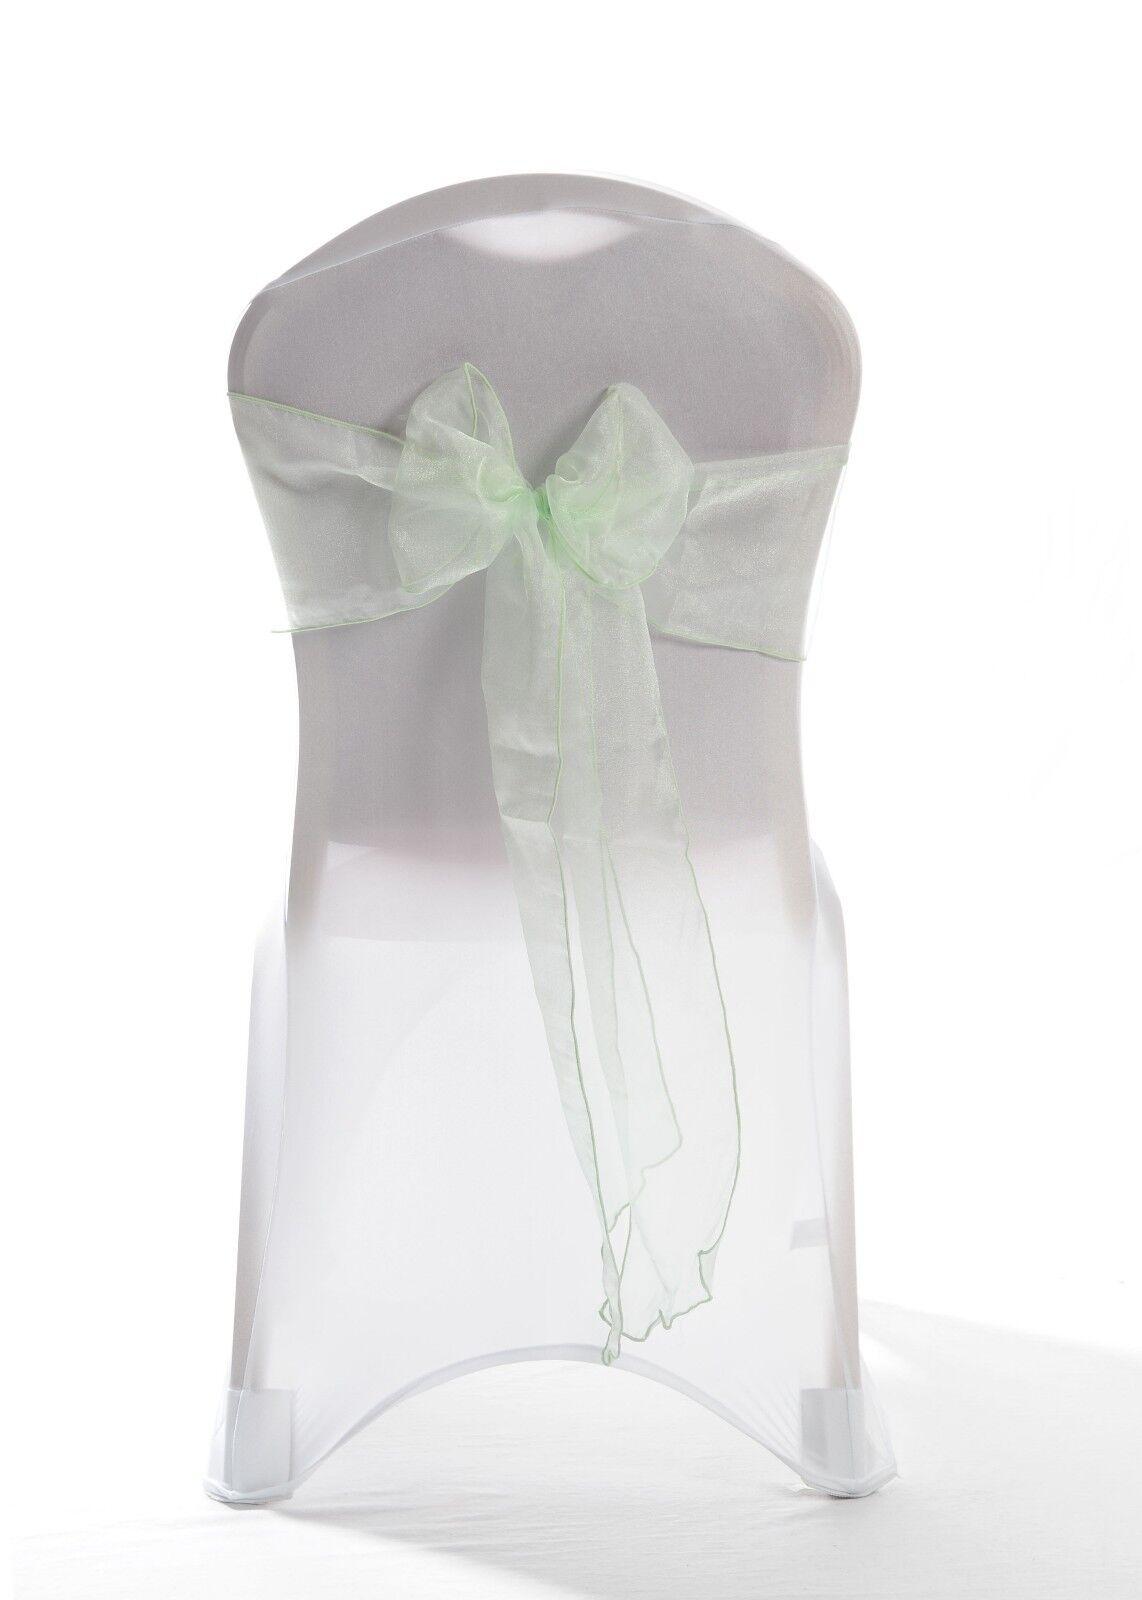 Mintgrün Organza Hochzeits Stuhl Schärpe 1,25, 50 OR 100 Schärpen | Große Auswahl  | Schön und charmant  | Verschiedene aktuelle Designs